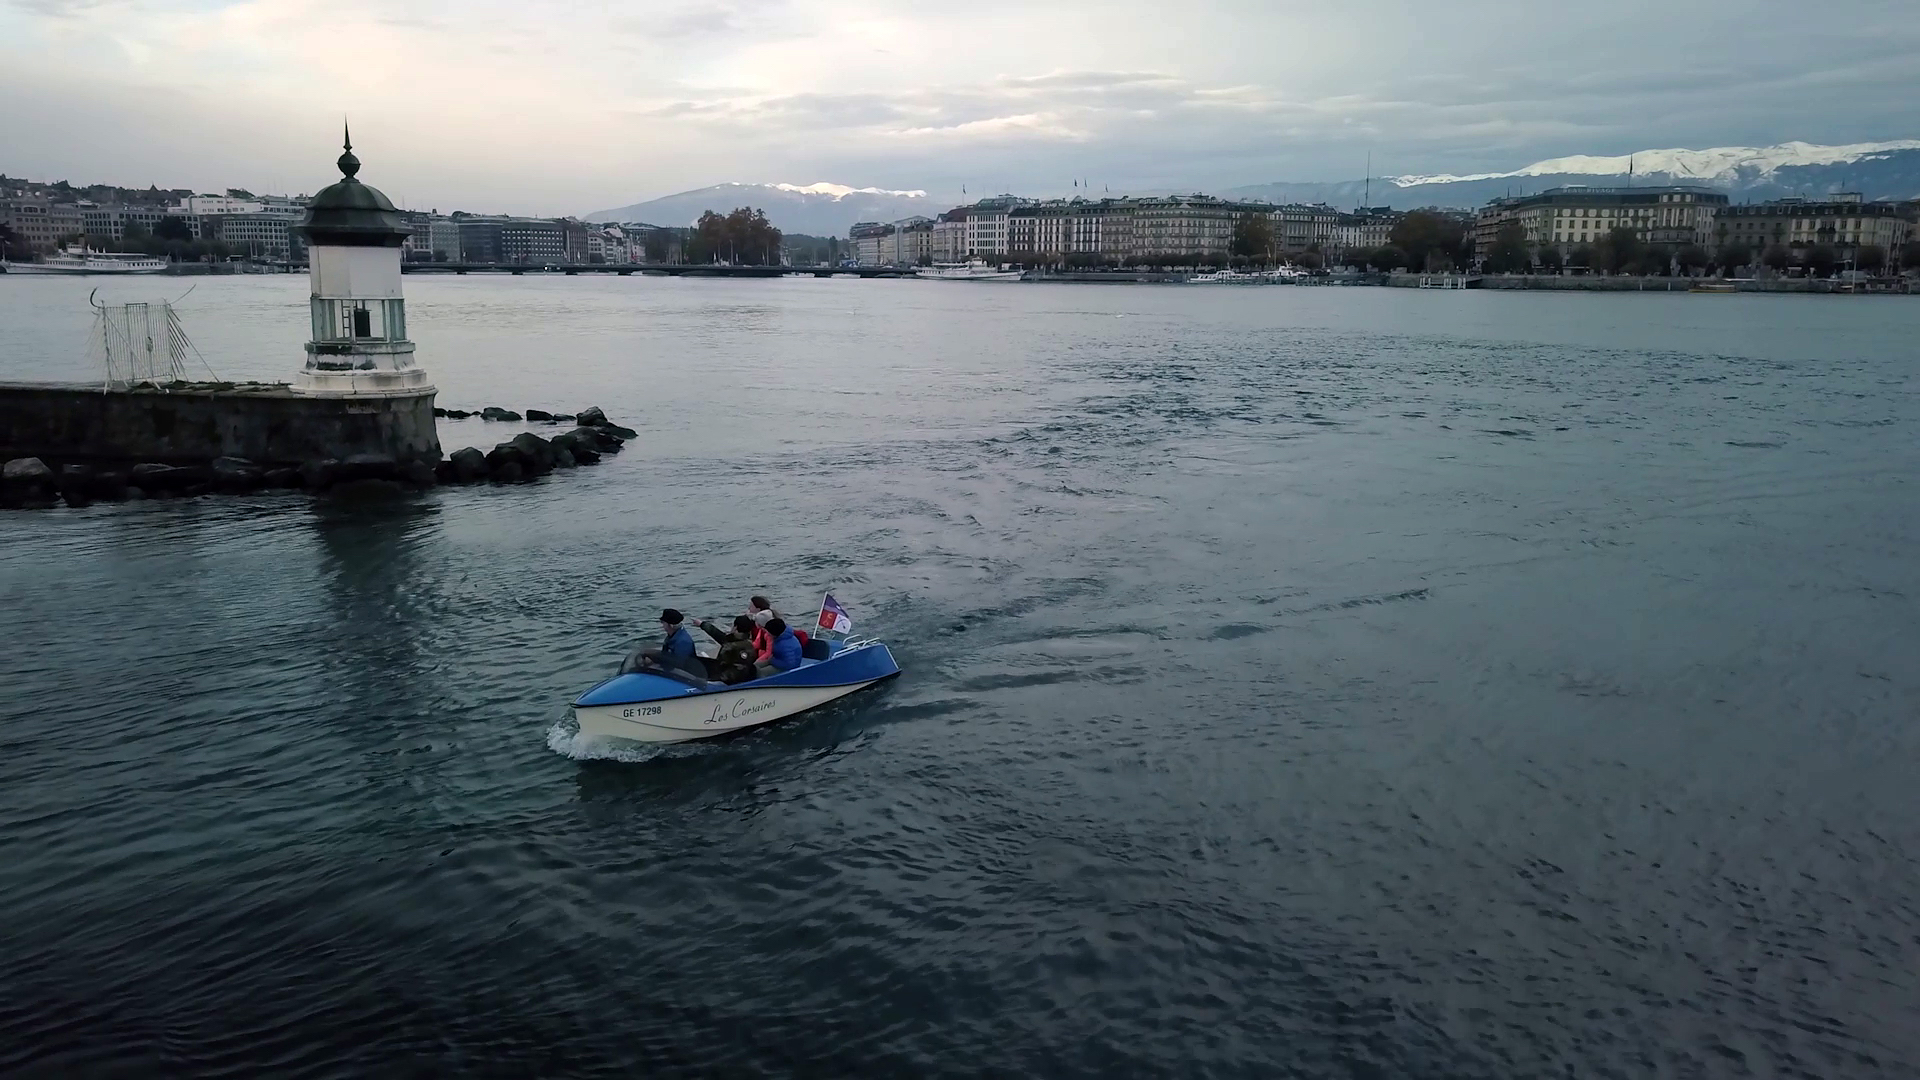 Per le loro gite sul Lago Lemano, i Petitpierre preferiscono utilizzare una barca elettrica.